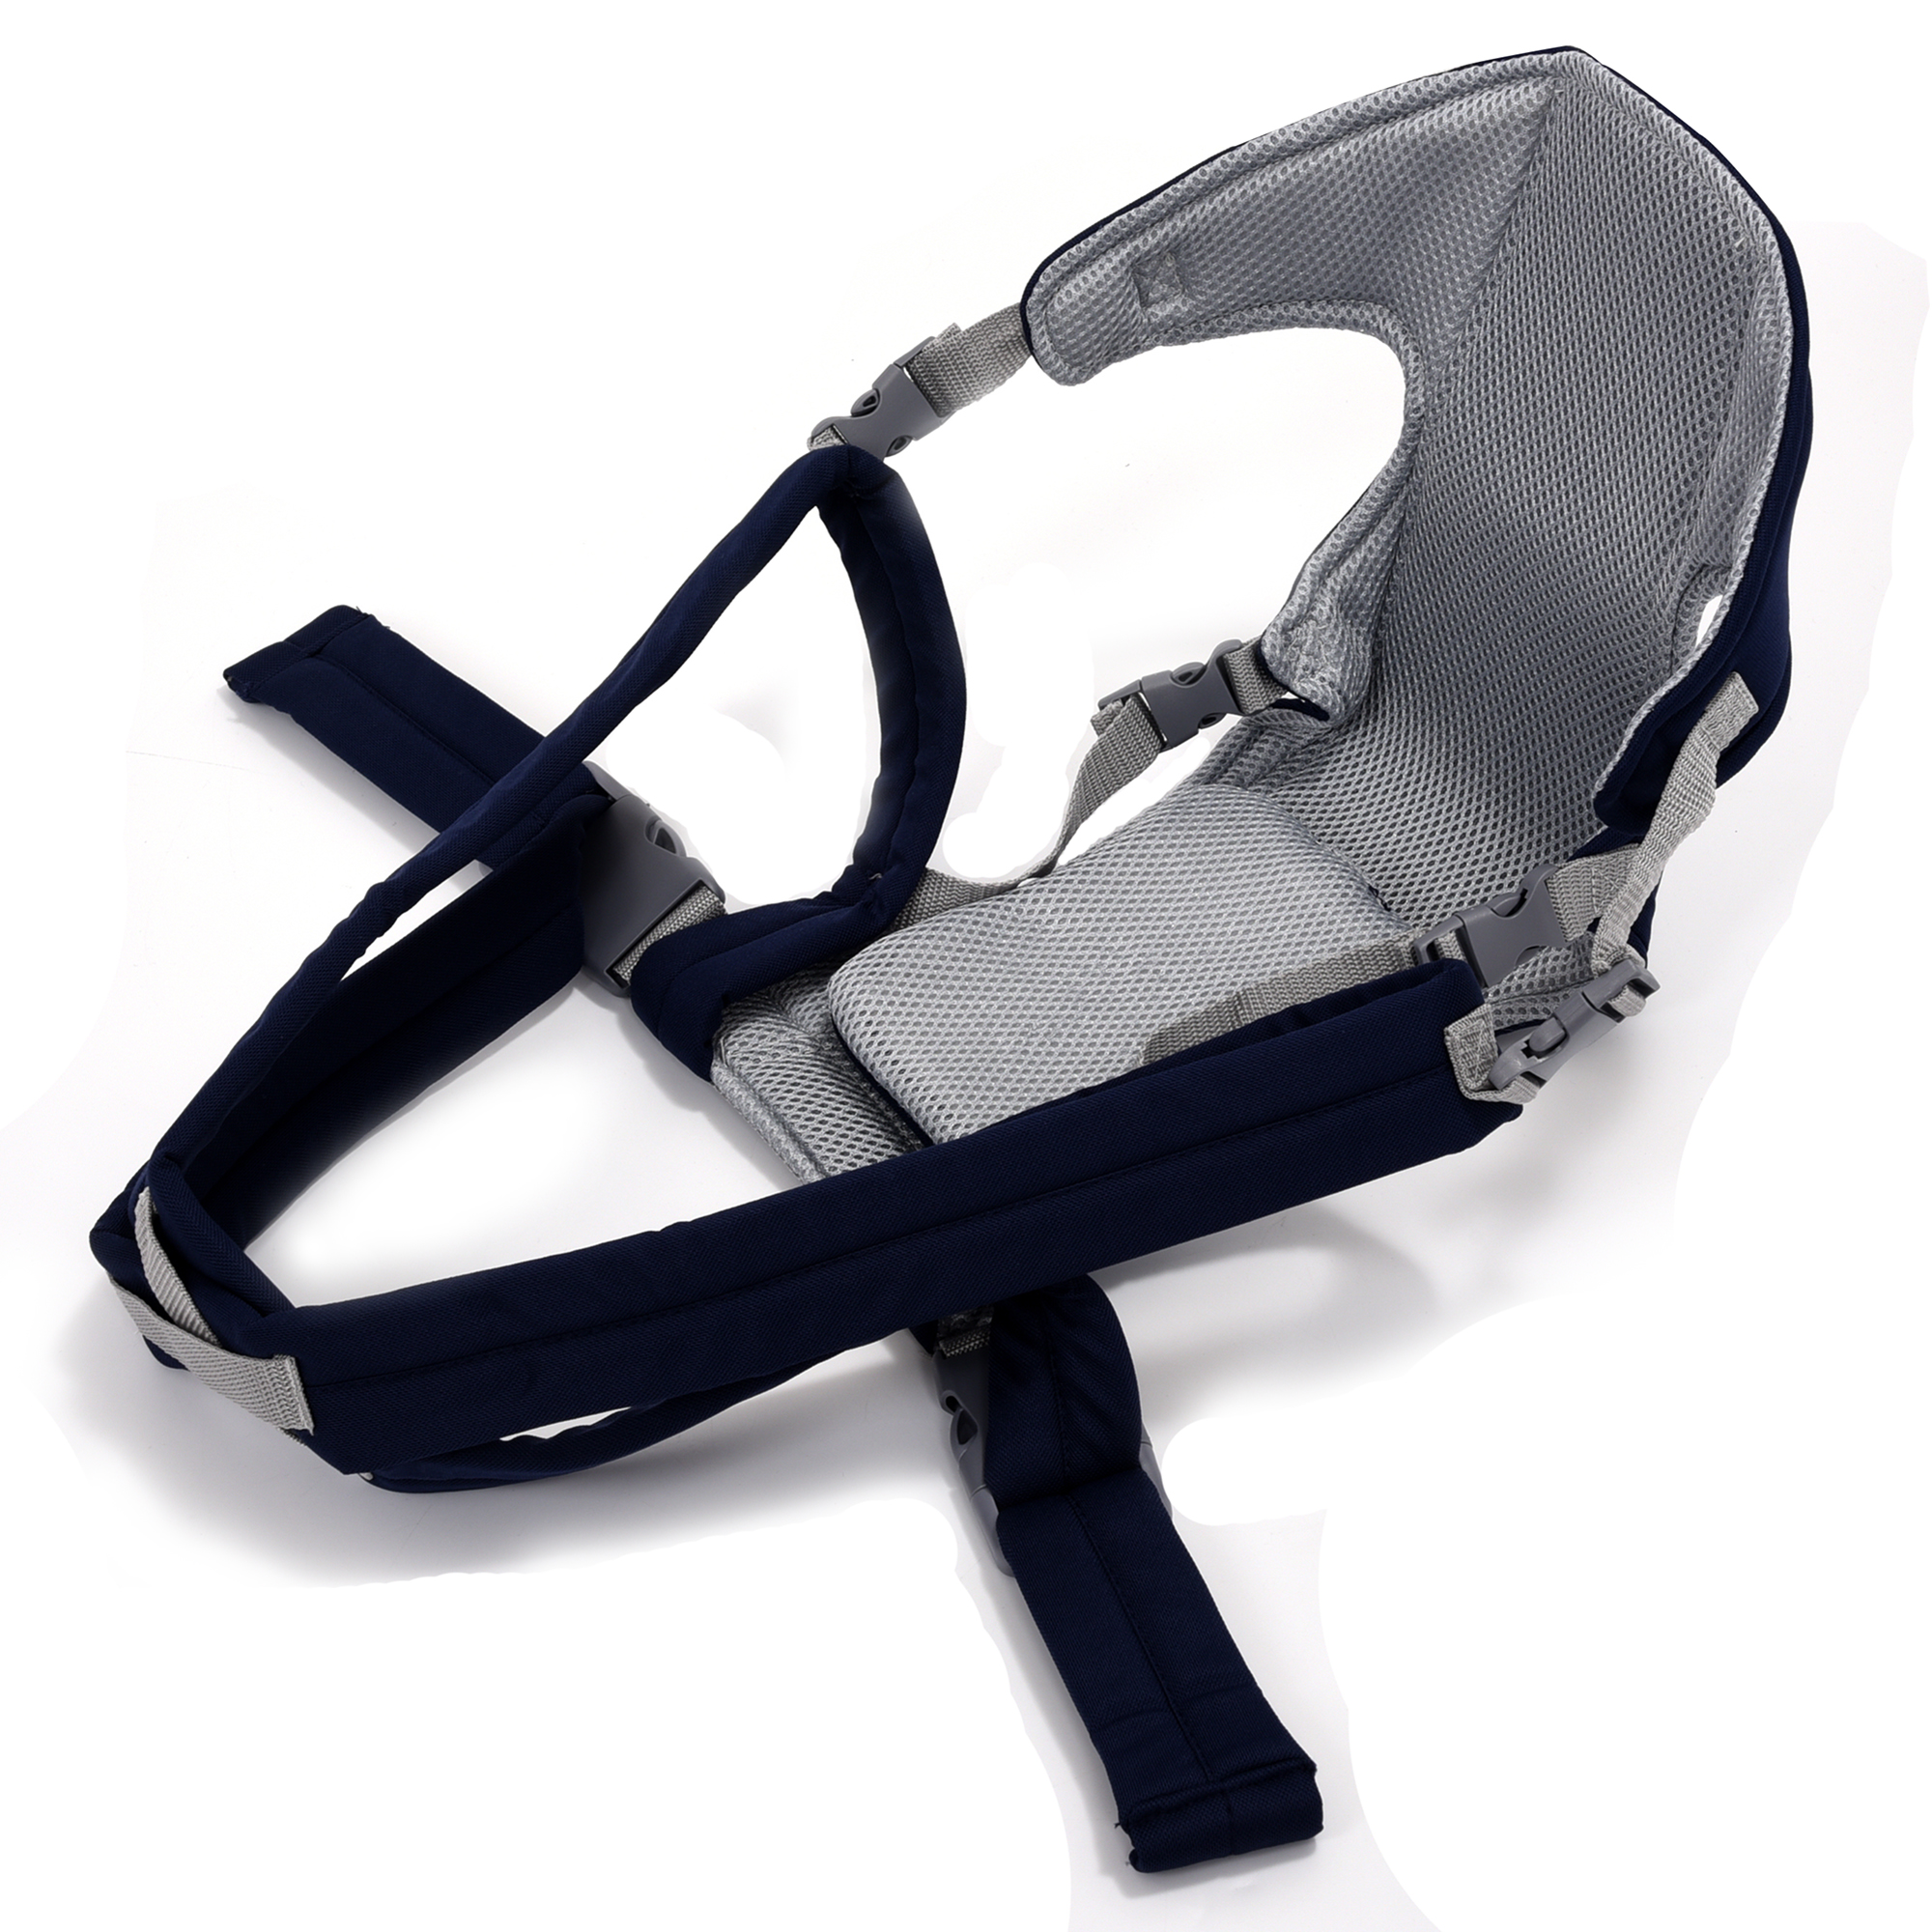 Porte-bébé réglable nouveau-né enfant écharpe Wrap cavalier sac à dos bleu